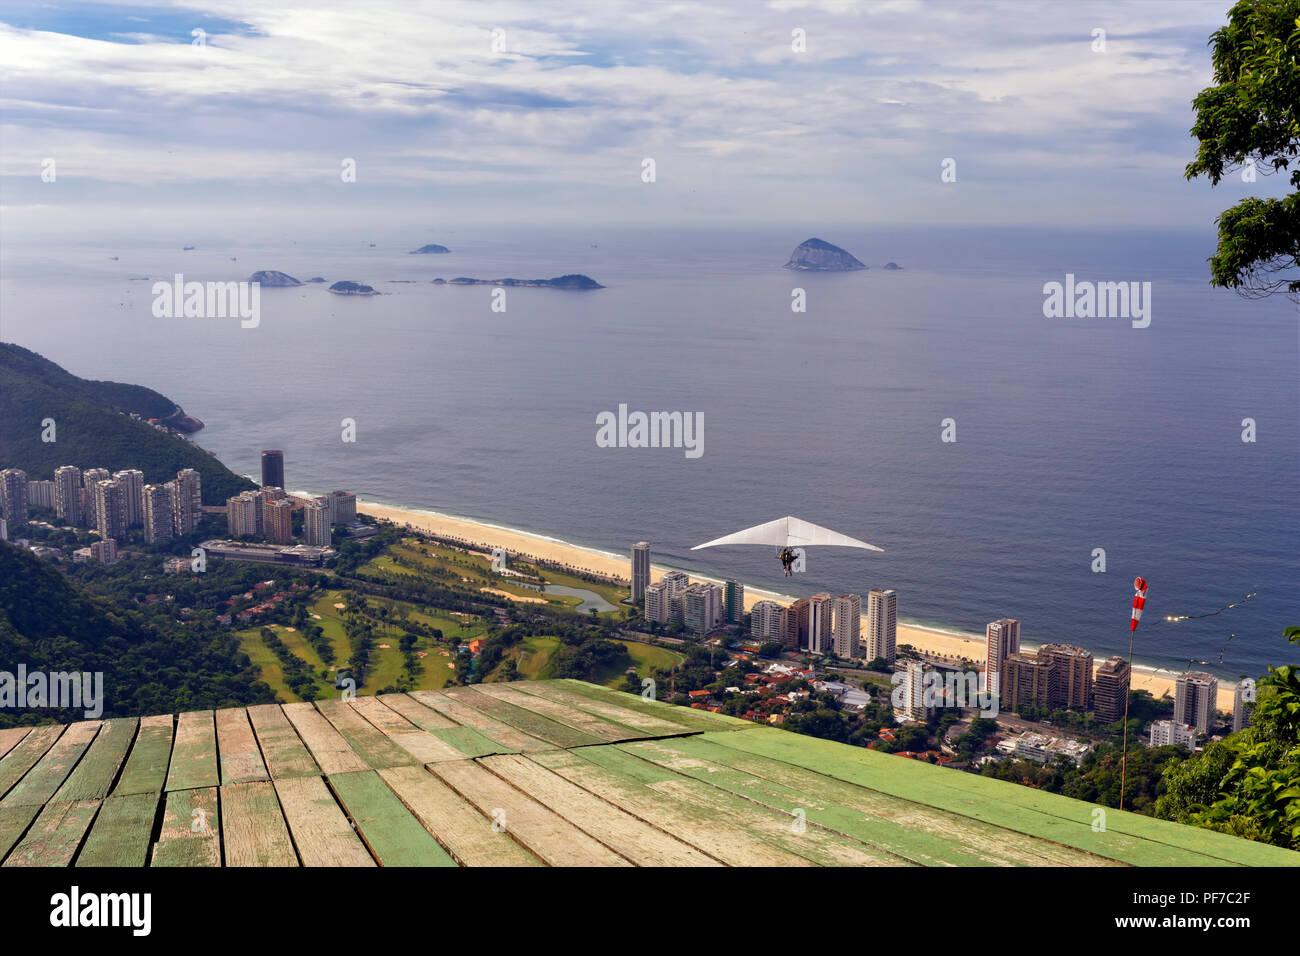 Hang Gliding over Sao Conrado Beach, Rio de Janeiro, Brazil. - Stock Image